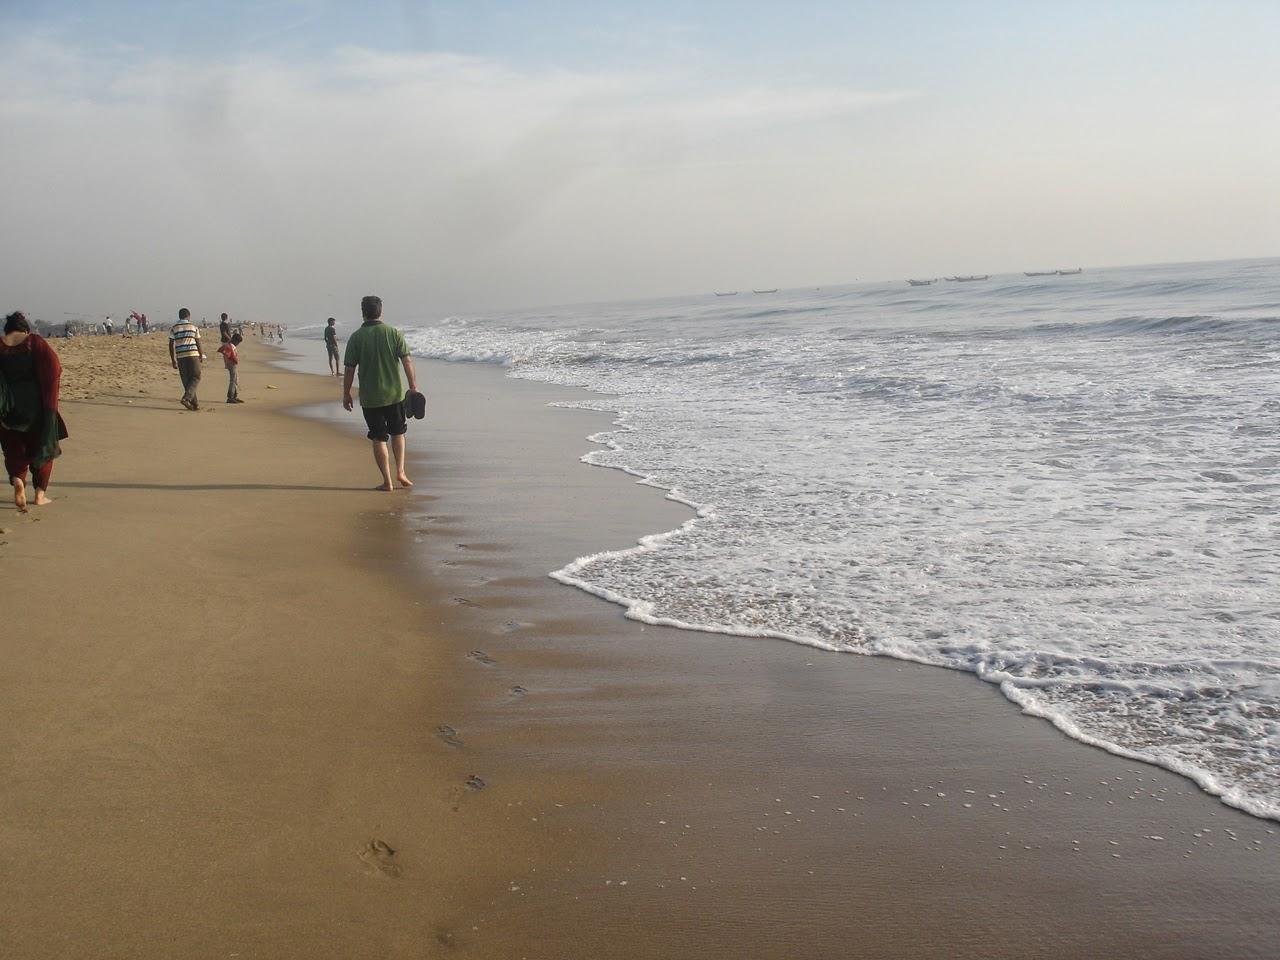 Besant Nagar Beach - Chennai Image